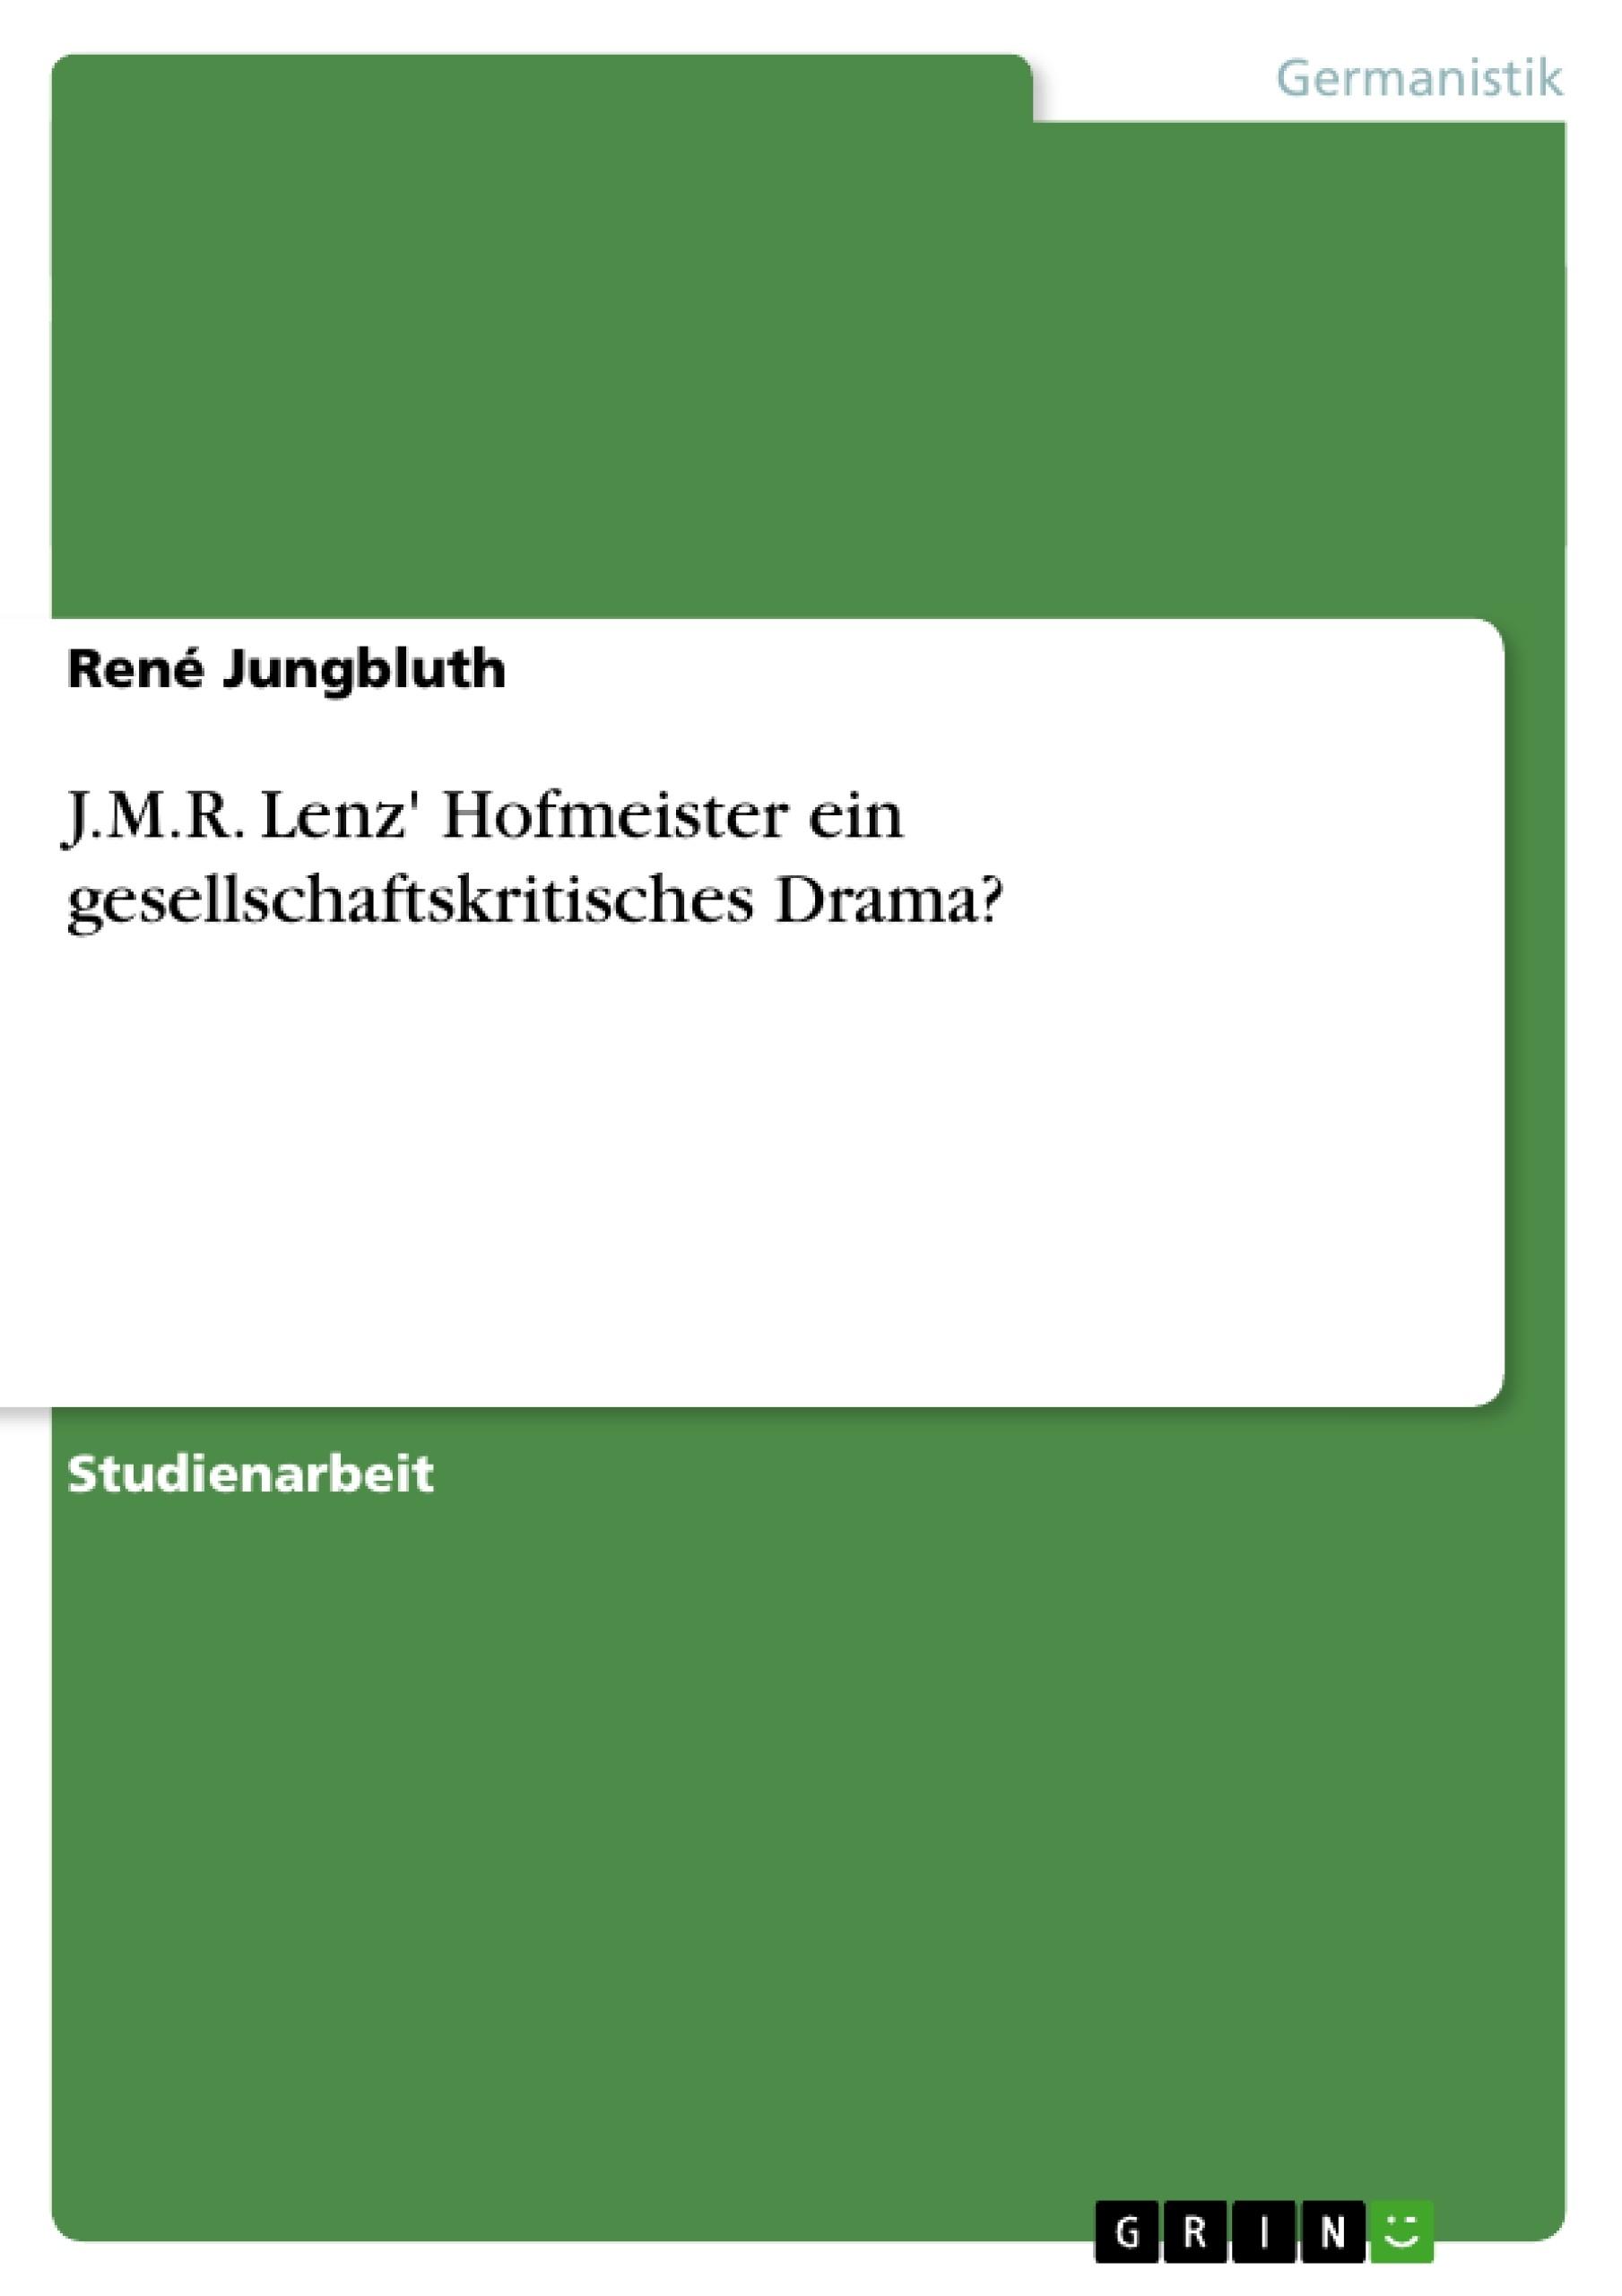 Titel: J.M.R. Lenz' Hofmeister ein gesellschaftskritisches Drama?